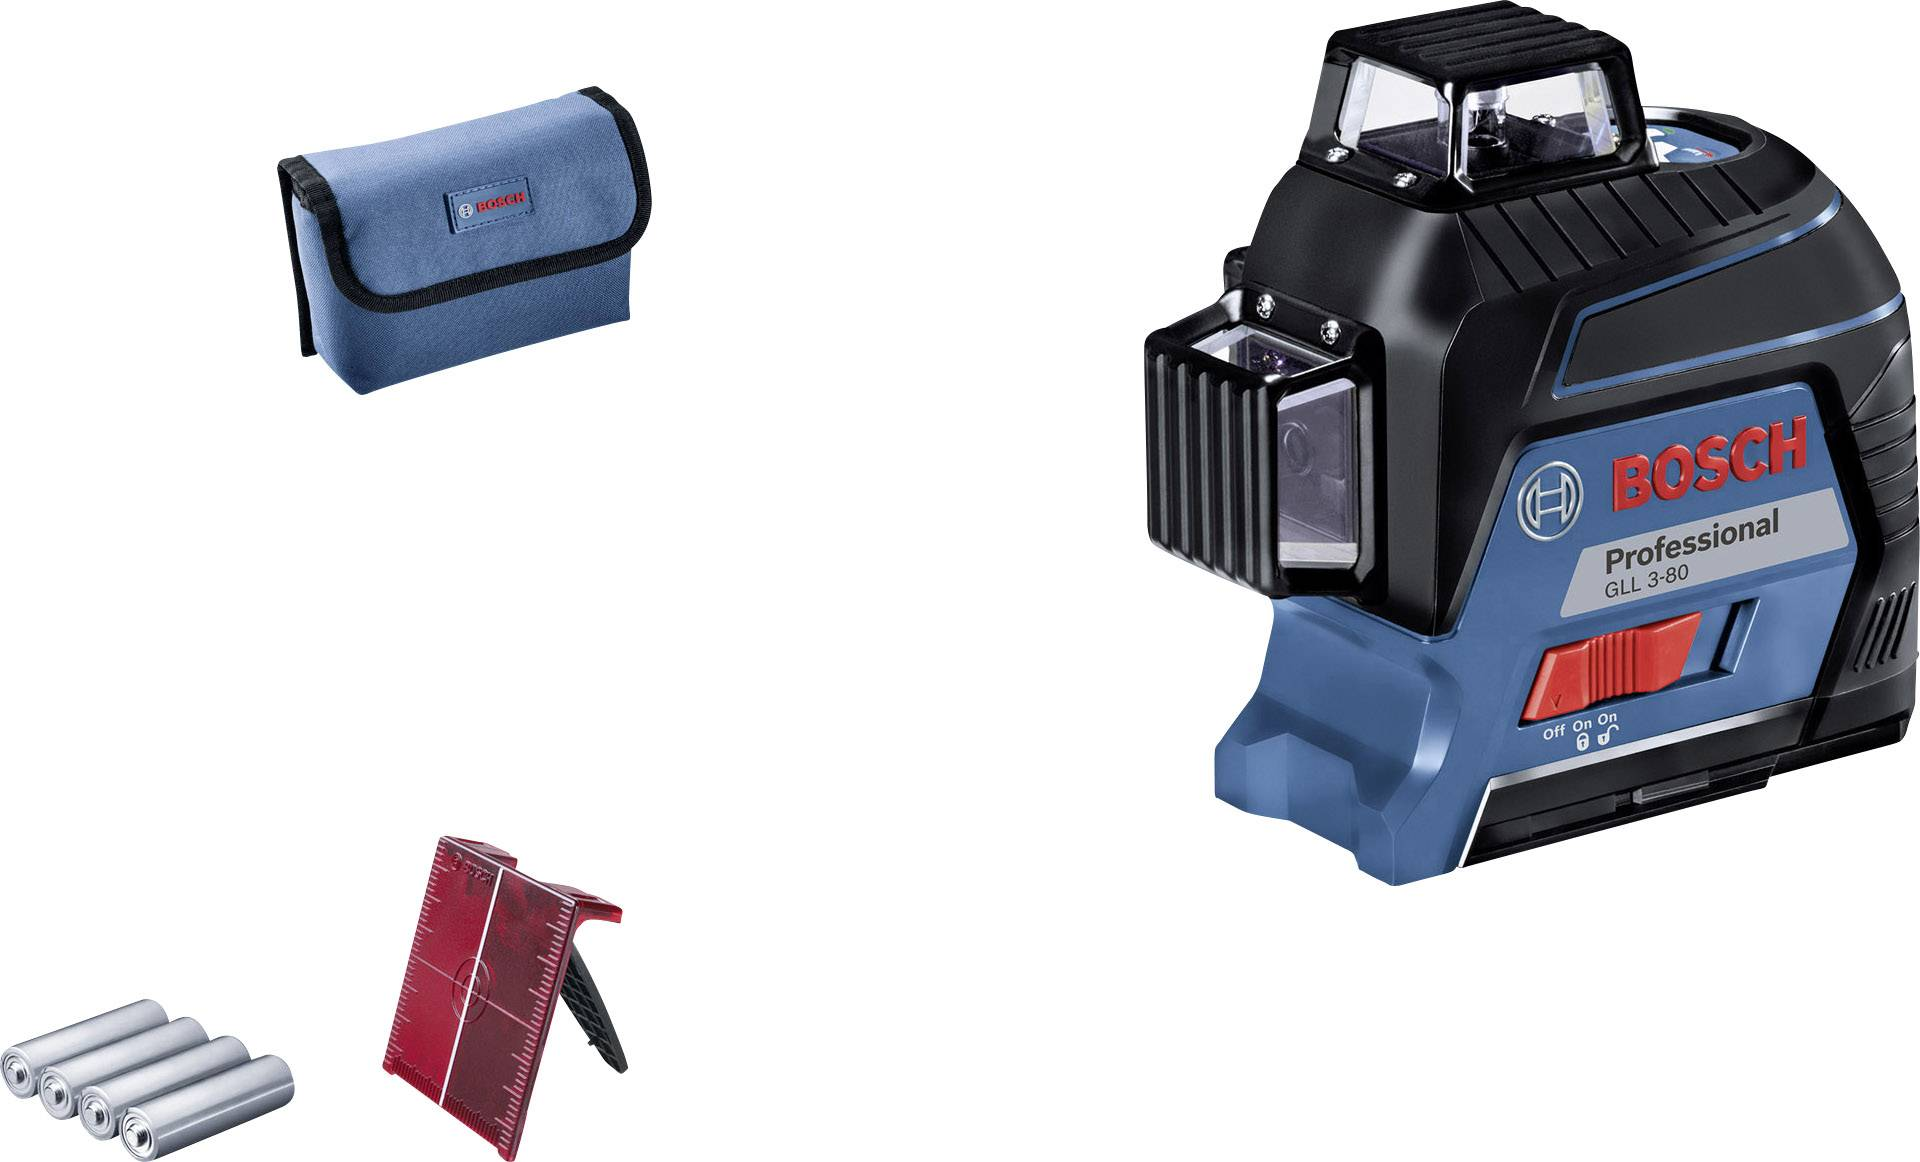 Bosch Laser Entfernungsmesser Conrad : Linienlaser günstig online kaufen bei conrad